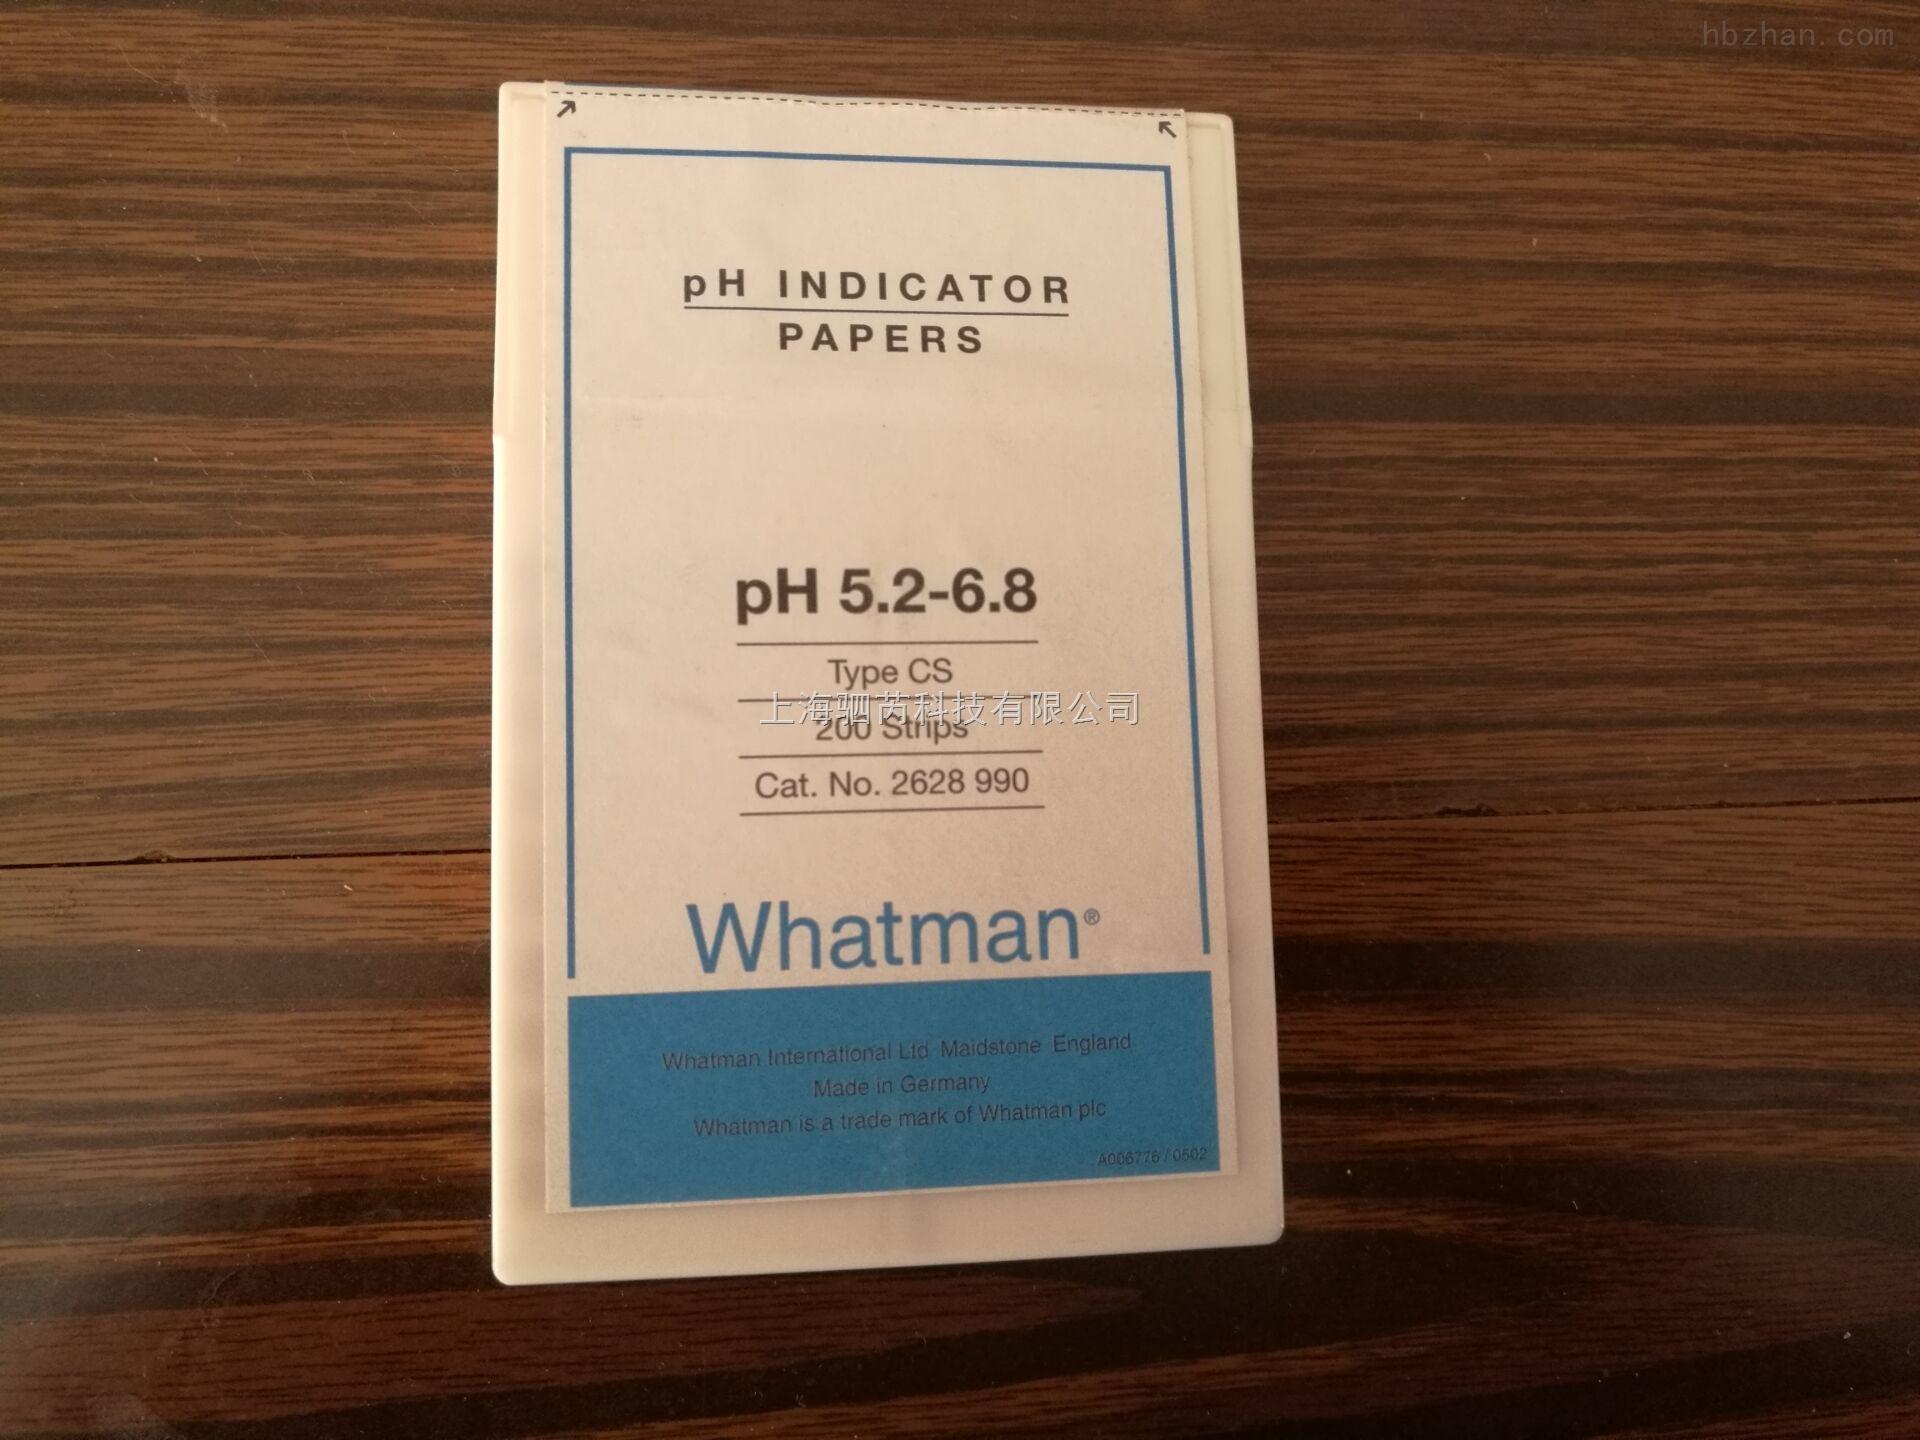 GE Whatman 沃特曼 CS型条状PH试纸 5.2-6.8